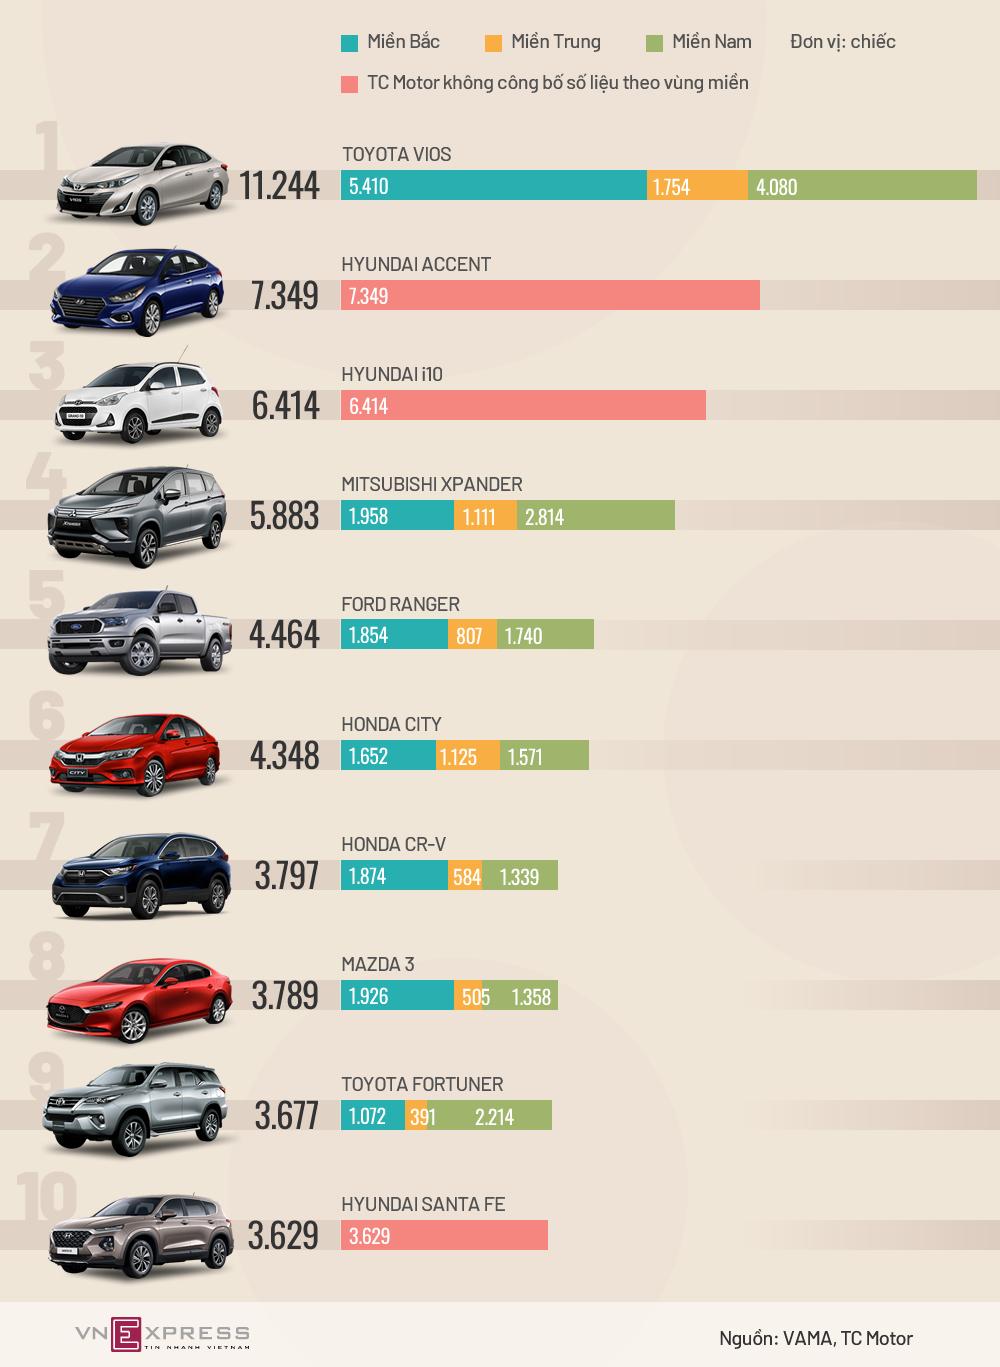 Top xe bán chạy nhất nửa đầu 2020 - Vios bỏ xa các đối thủ